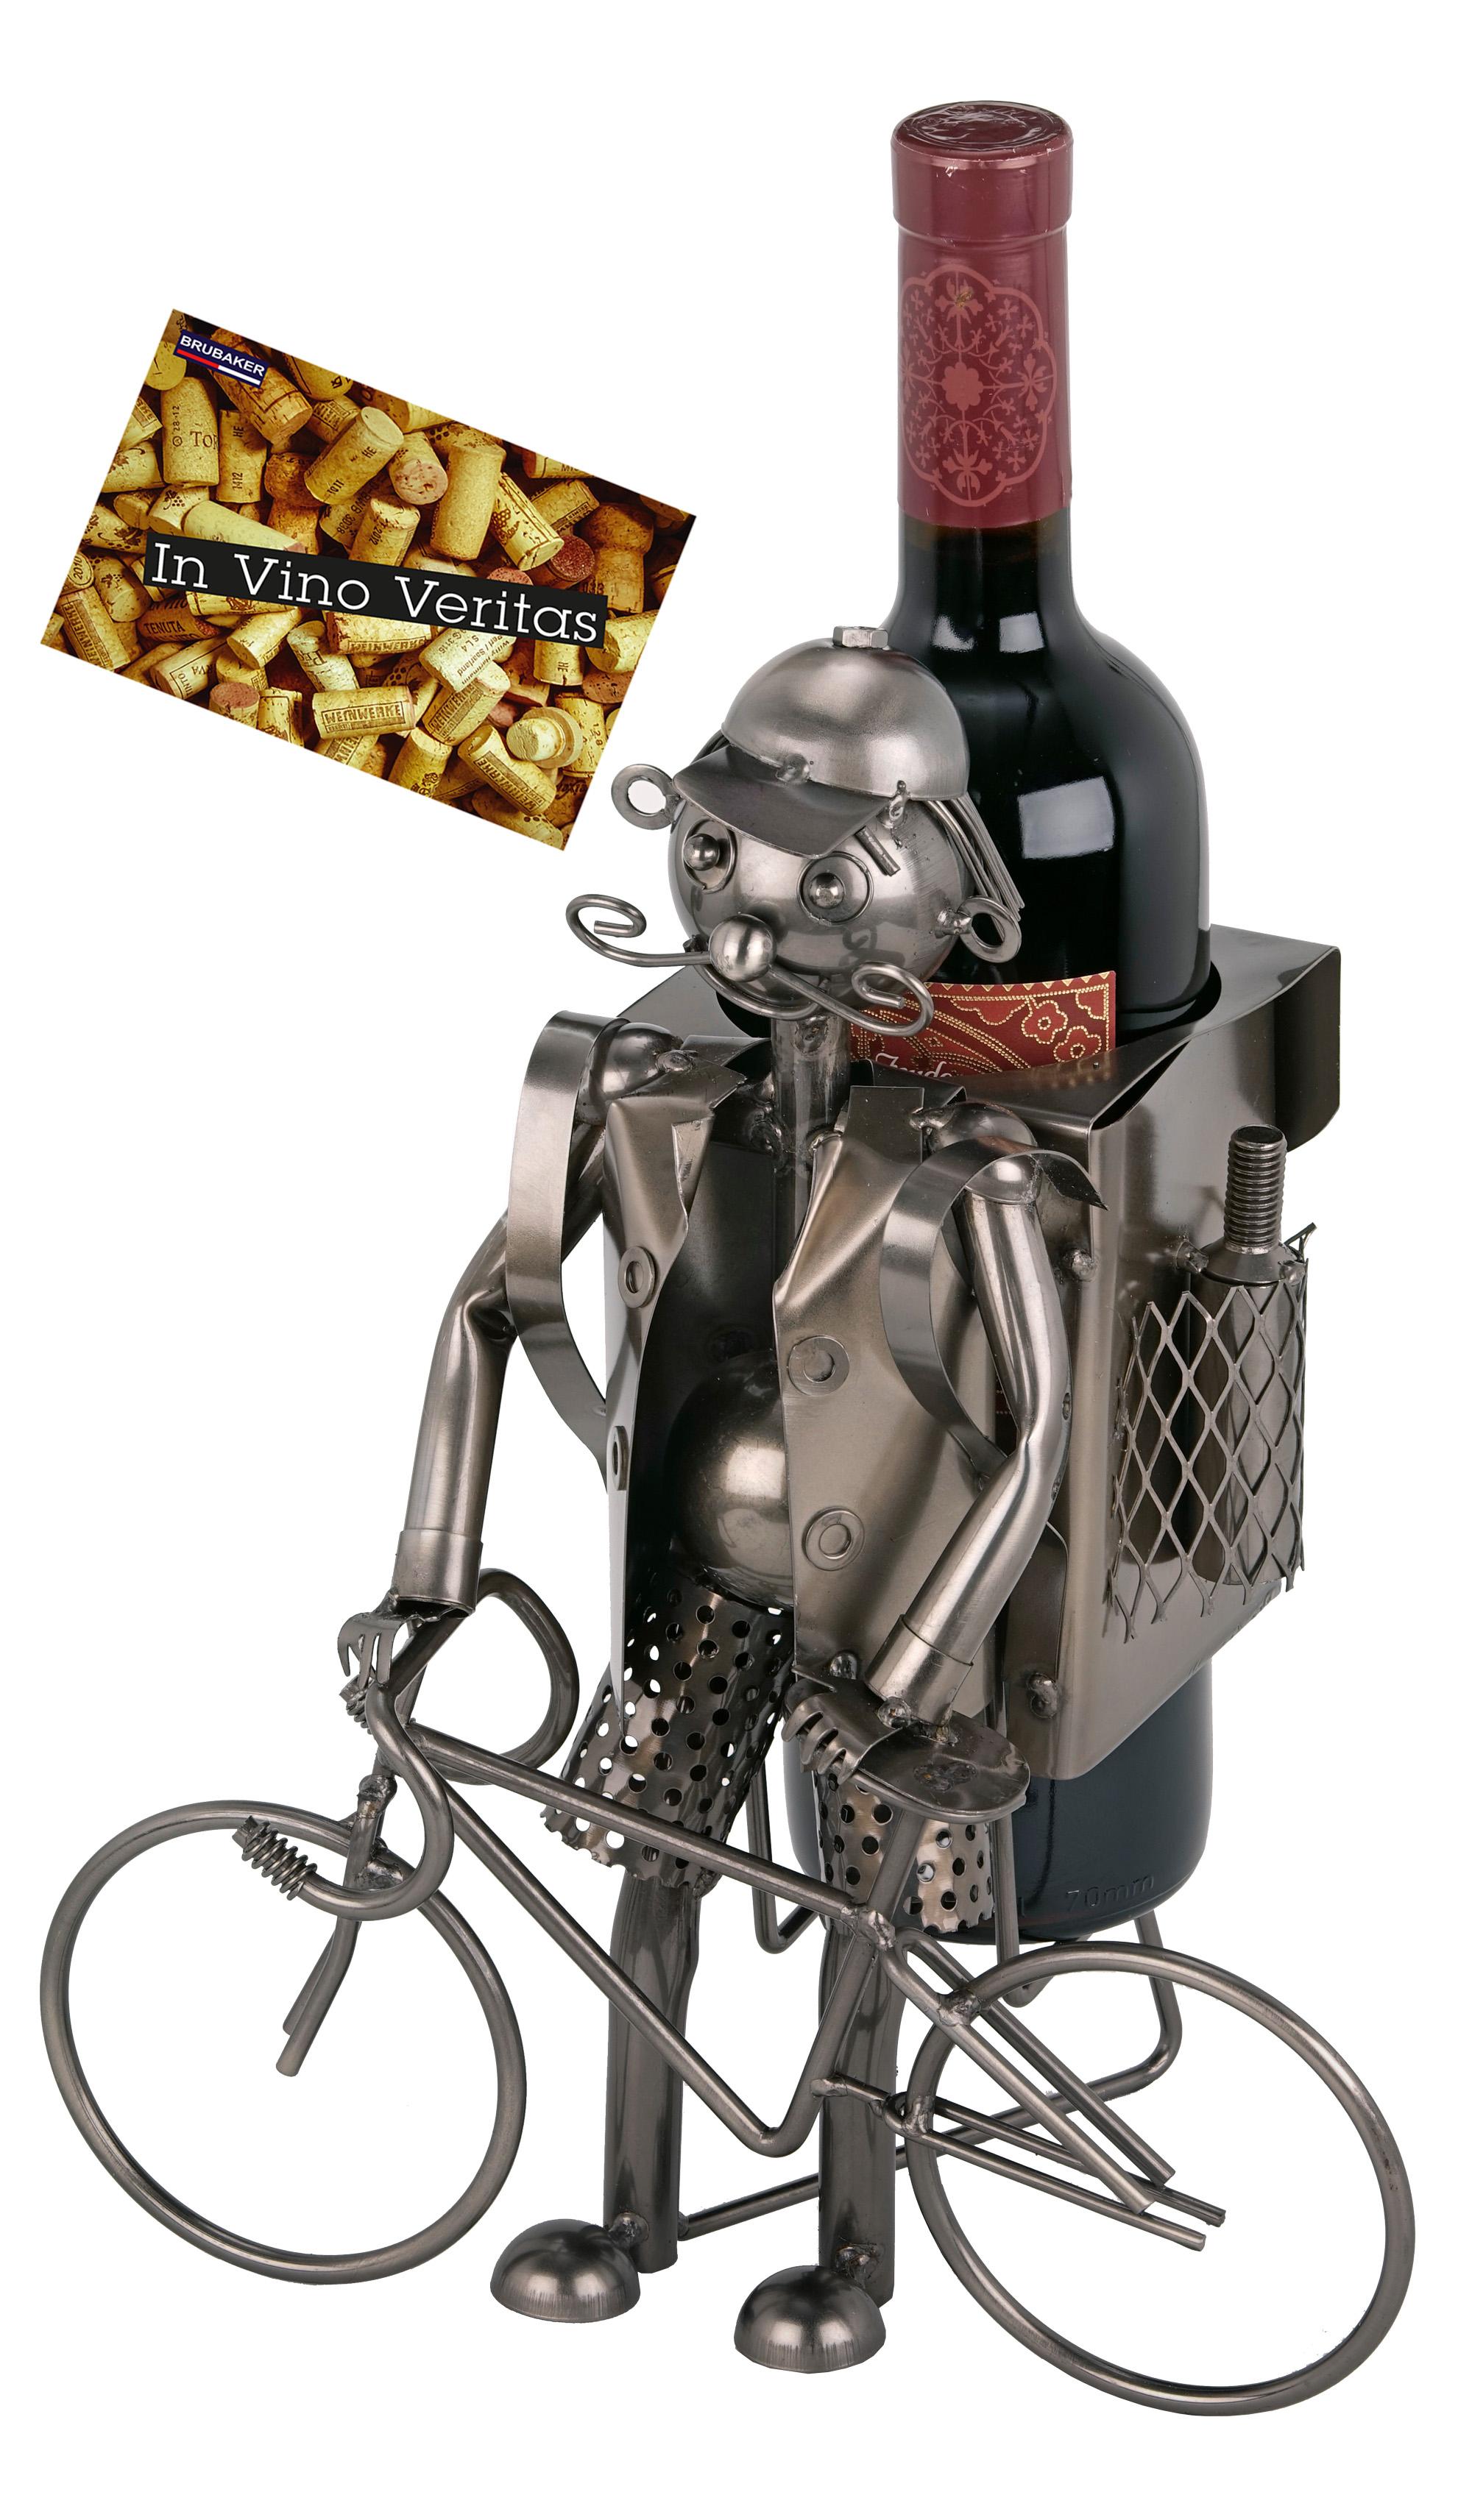 Brubaker Weinflaschenhalter Fahrradfahrer Metall Skulptur Geschenk